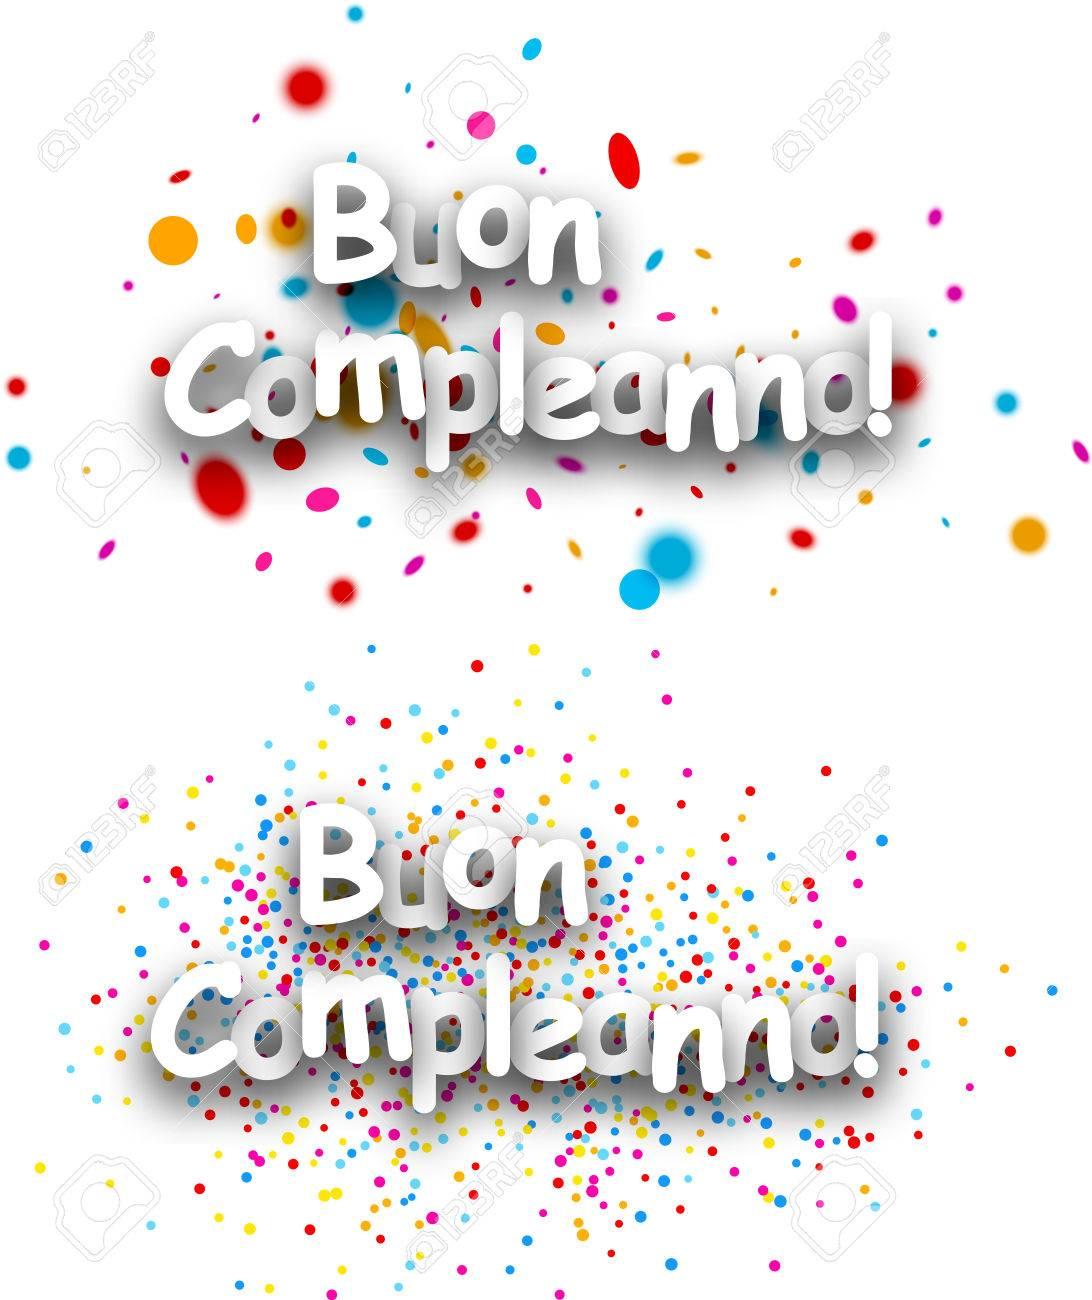 Happy Bannieres De Papier D Anniversaire Avec Des Gouttes De Couleur